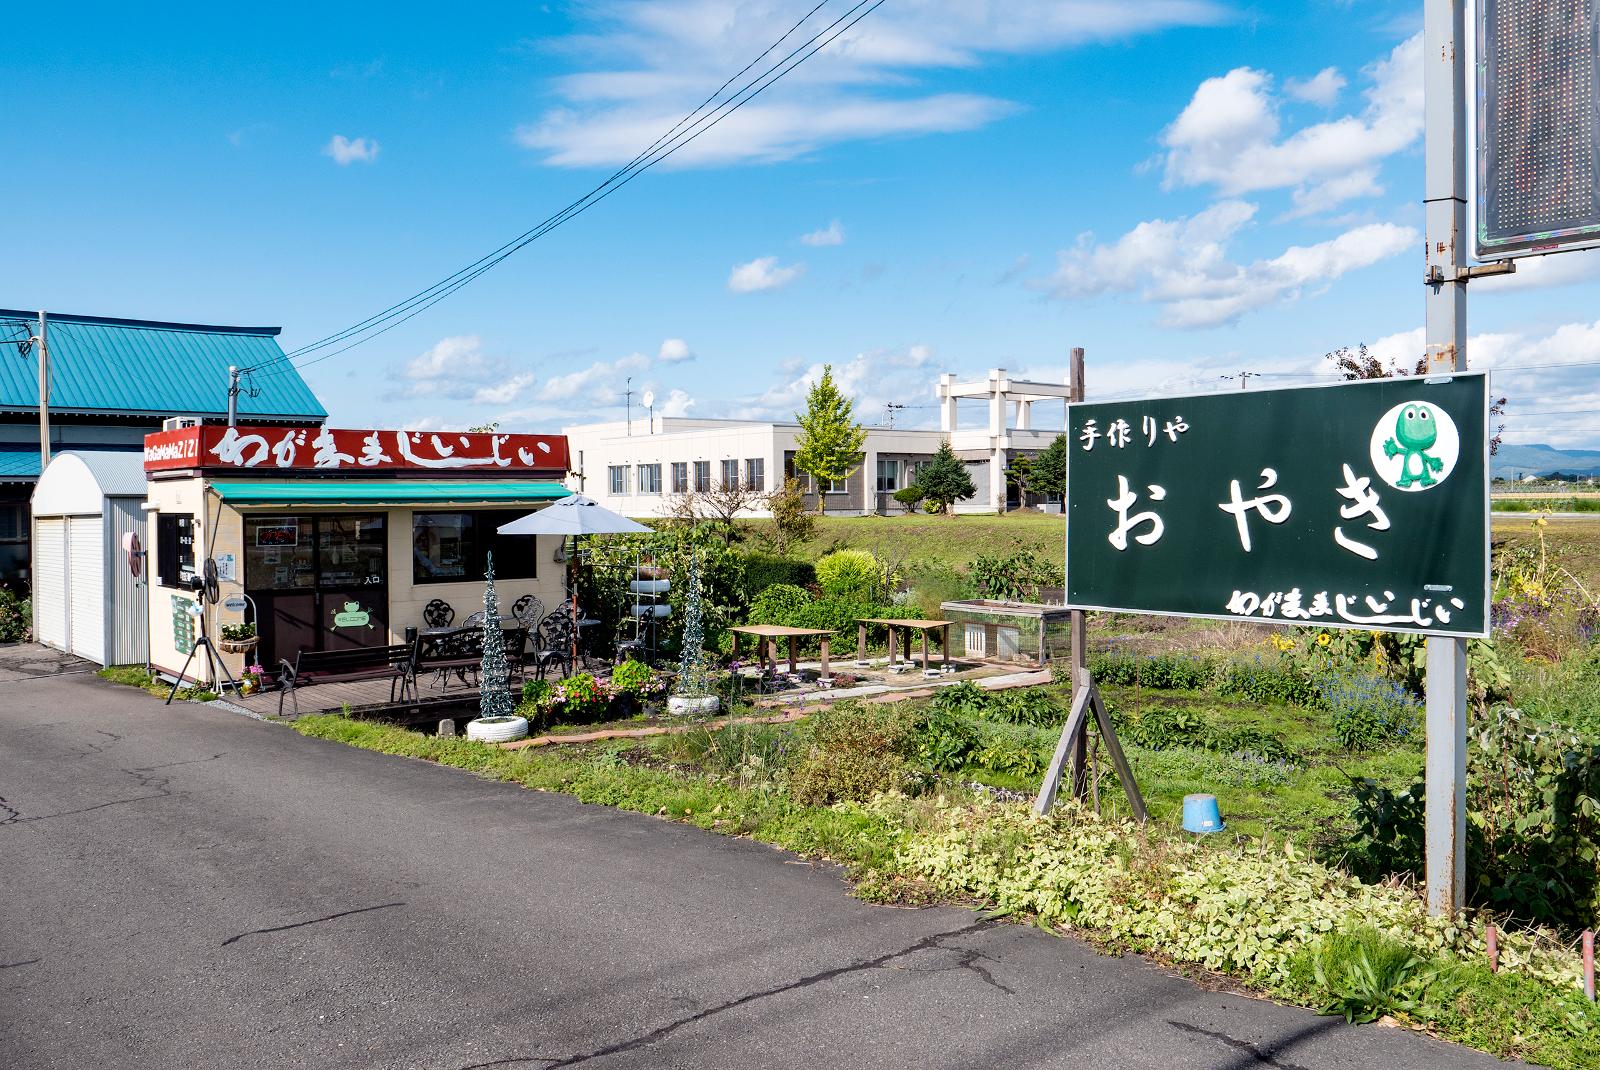 「わがままじぃじぃ」って何?旭川郊外の気になる看板のお店を直撃!